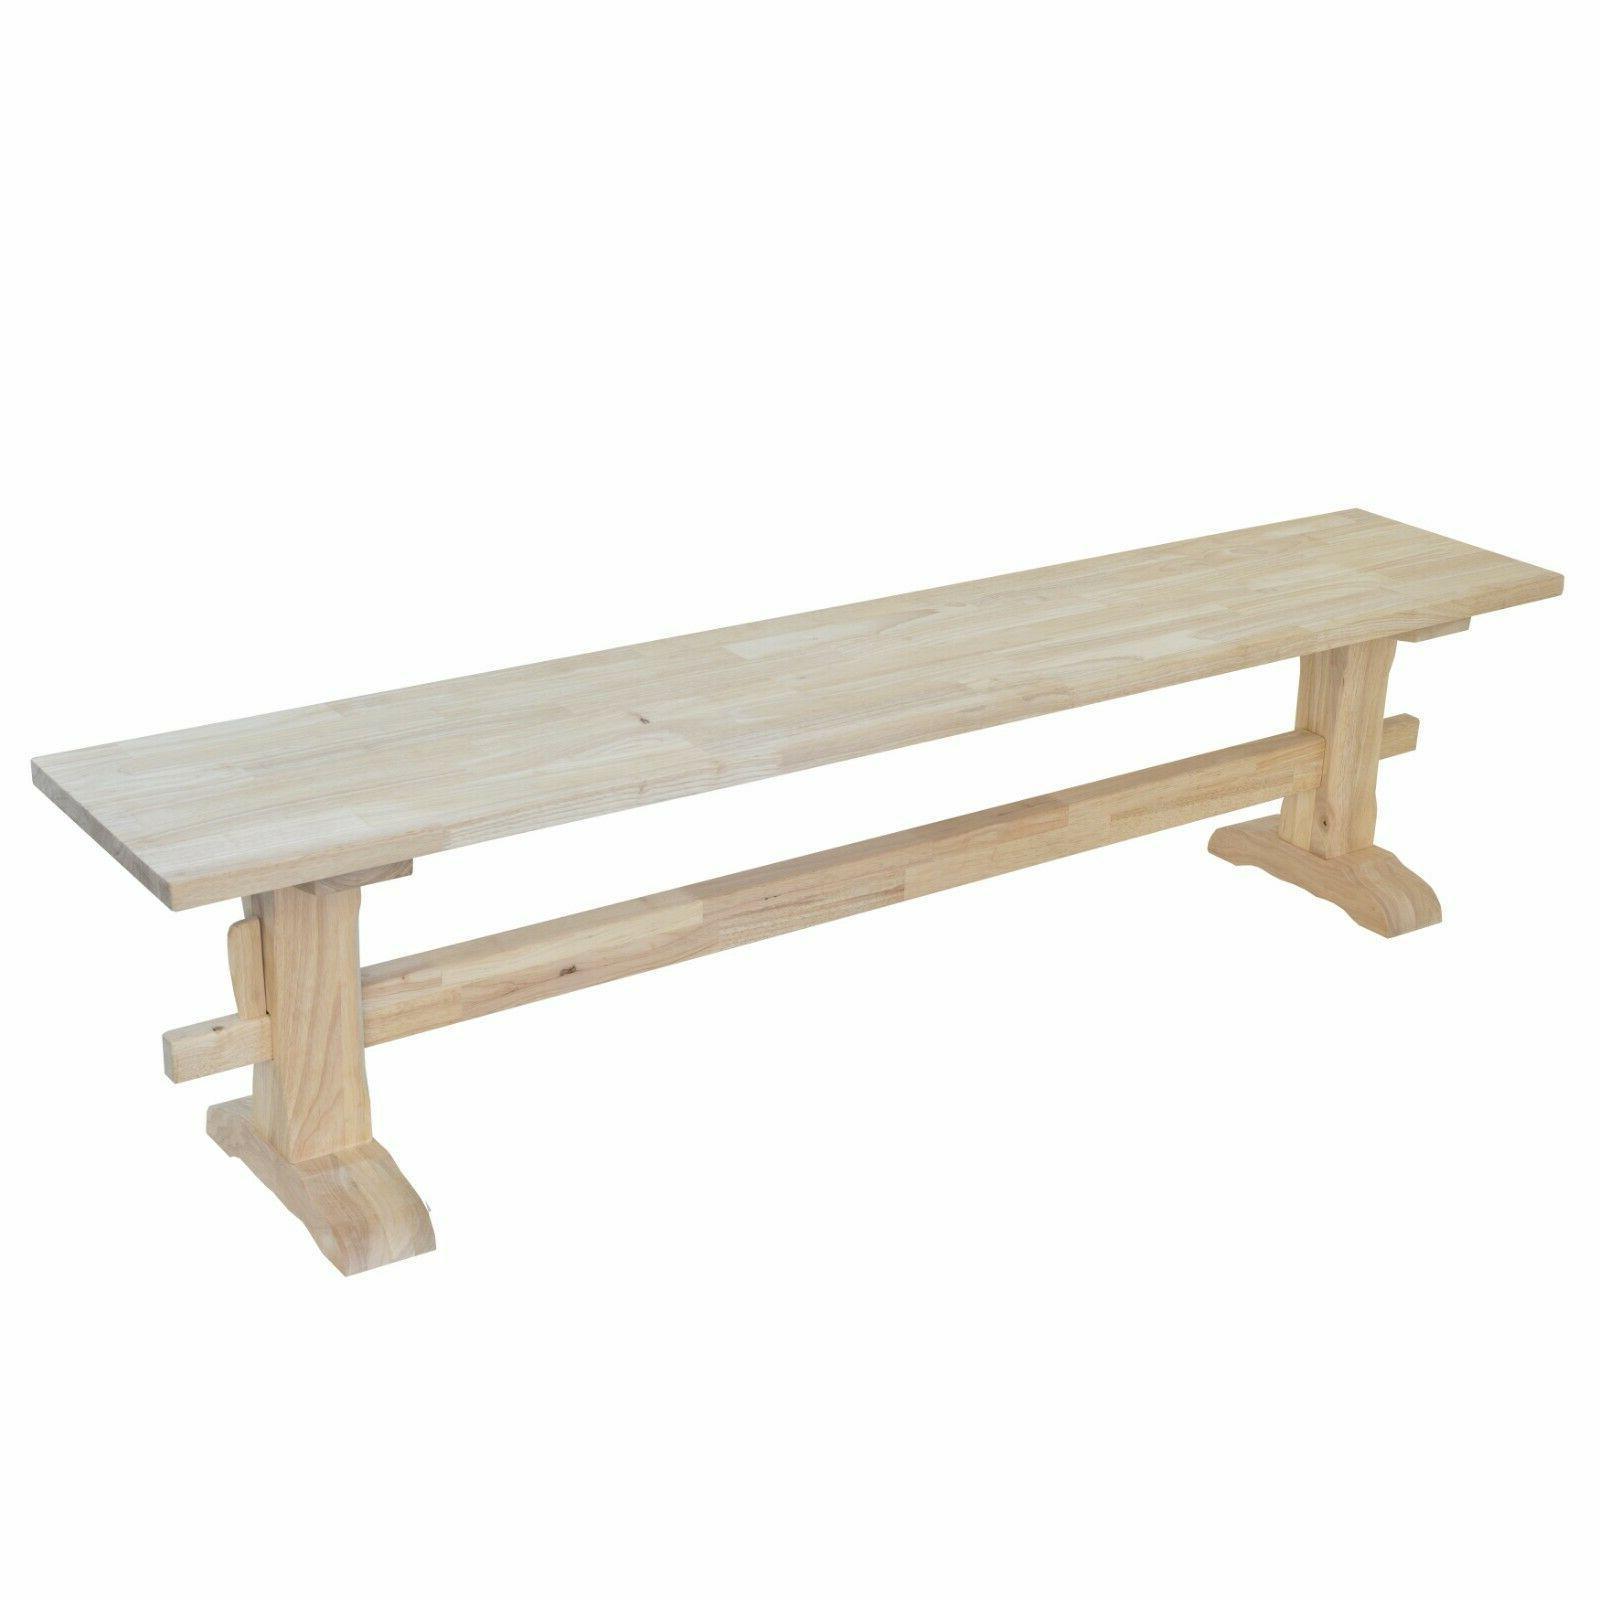 Unfinished Bench/Pedestal